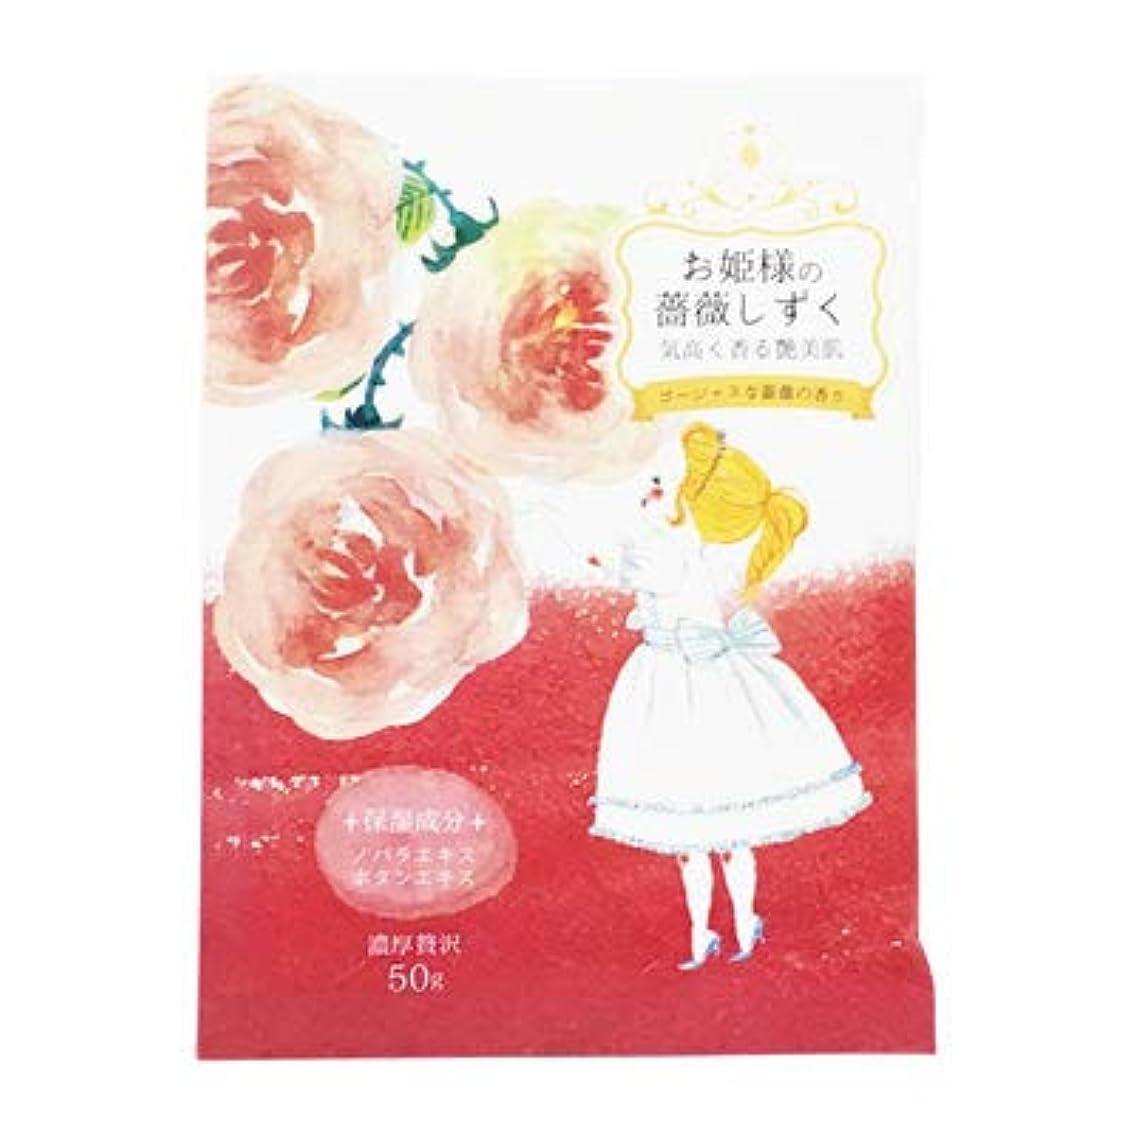 【まとめ買い3個セット】 お姫様風呂 薔薇しずく